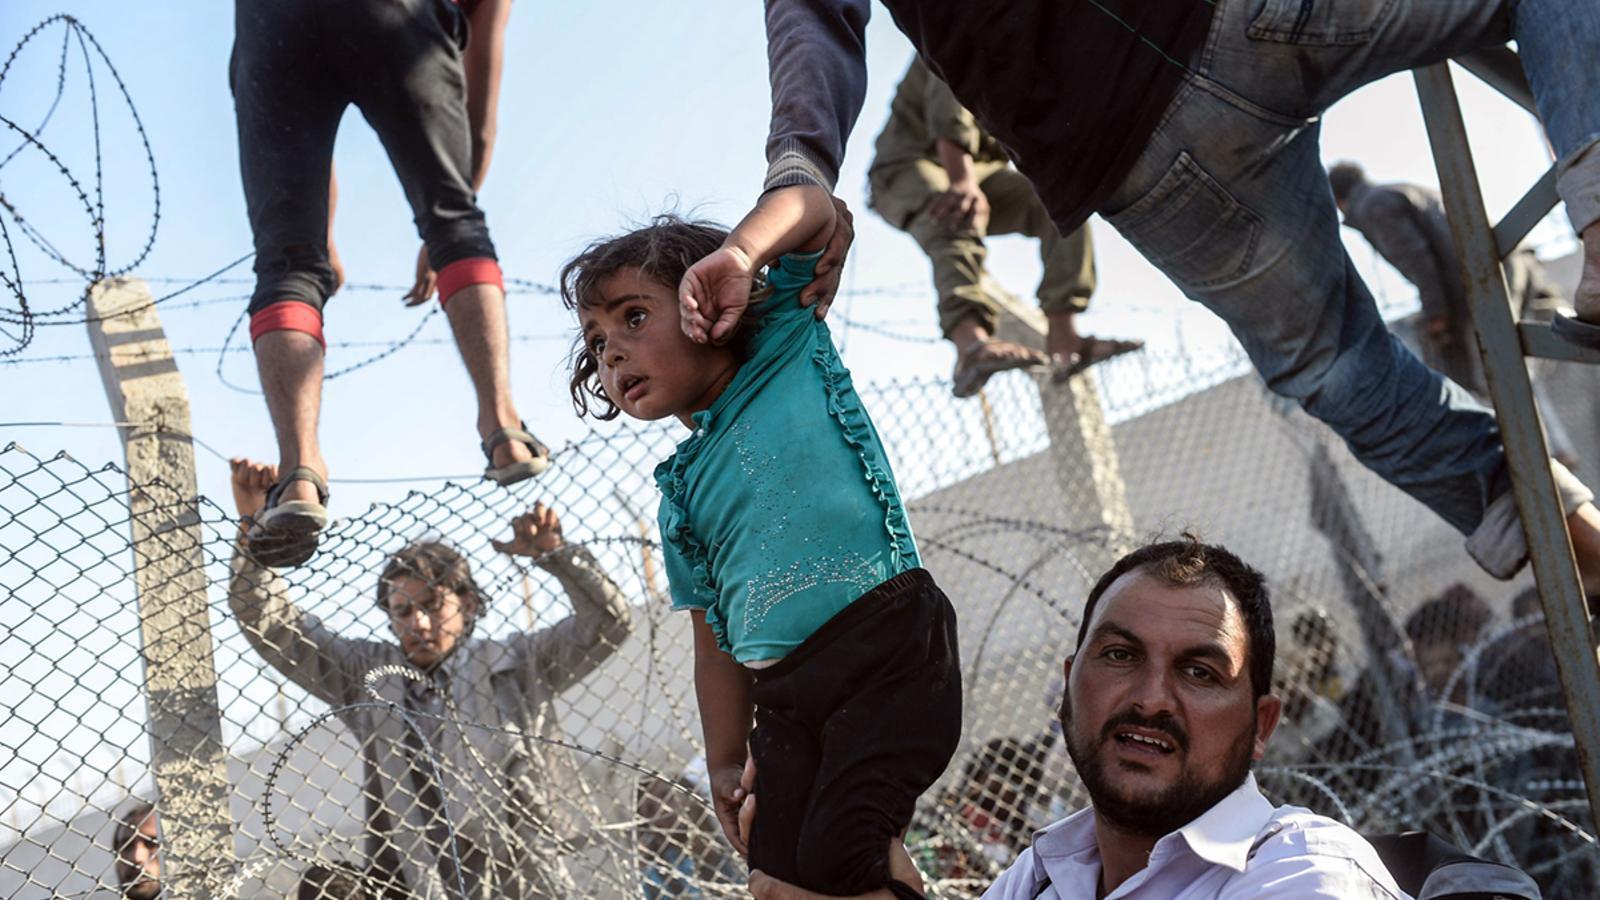 REFUGIADOS-UE II - Página 2 Travessant-illegalment-Sanliurfa-Turquia-territori_1759034246_39401498_766x565